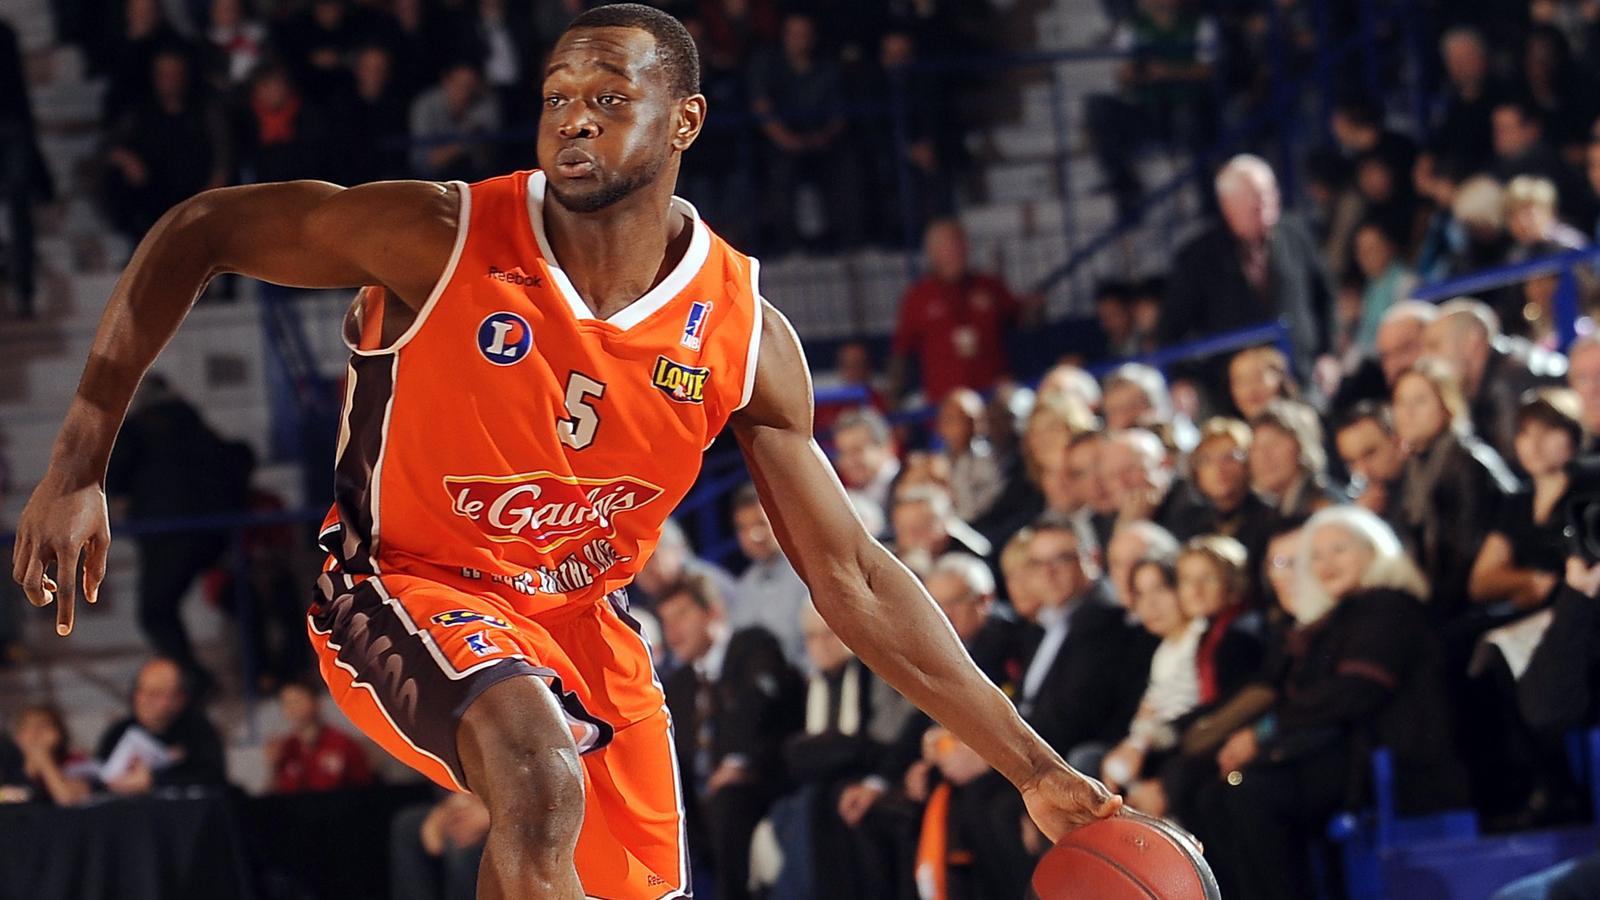 Basket Pro A: Orléans vs Le Mans en direct live streaming